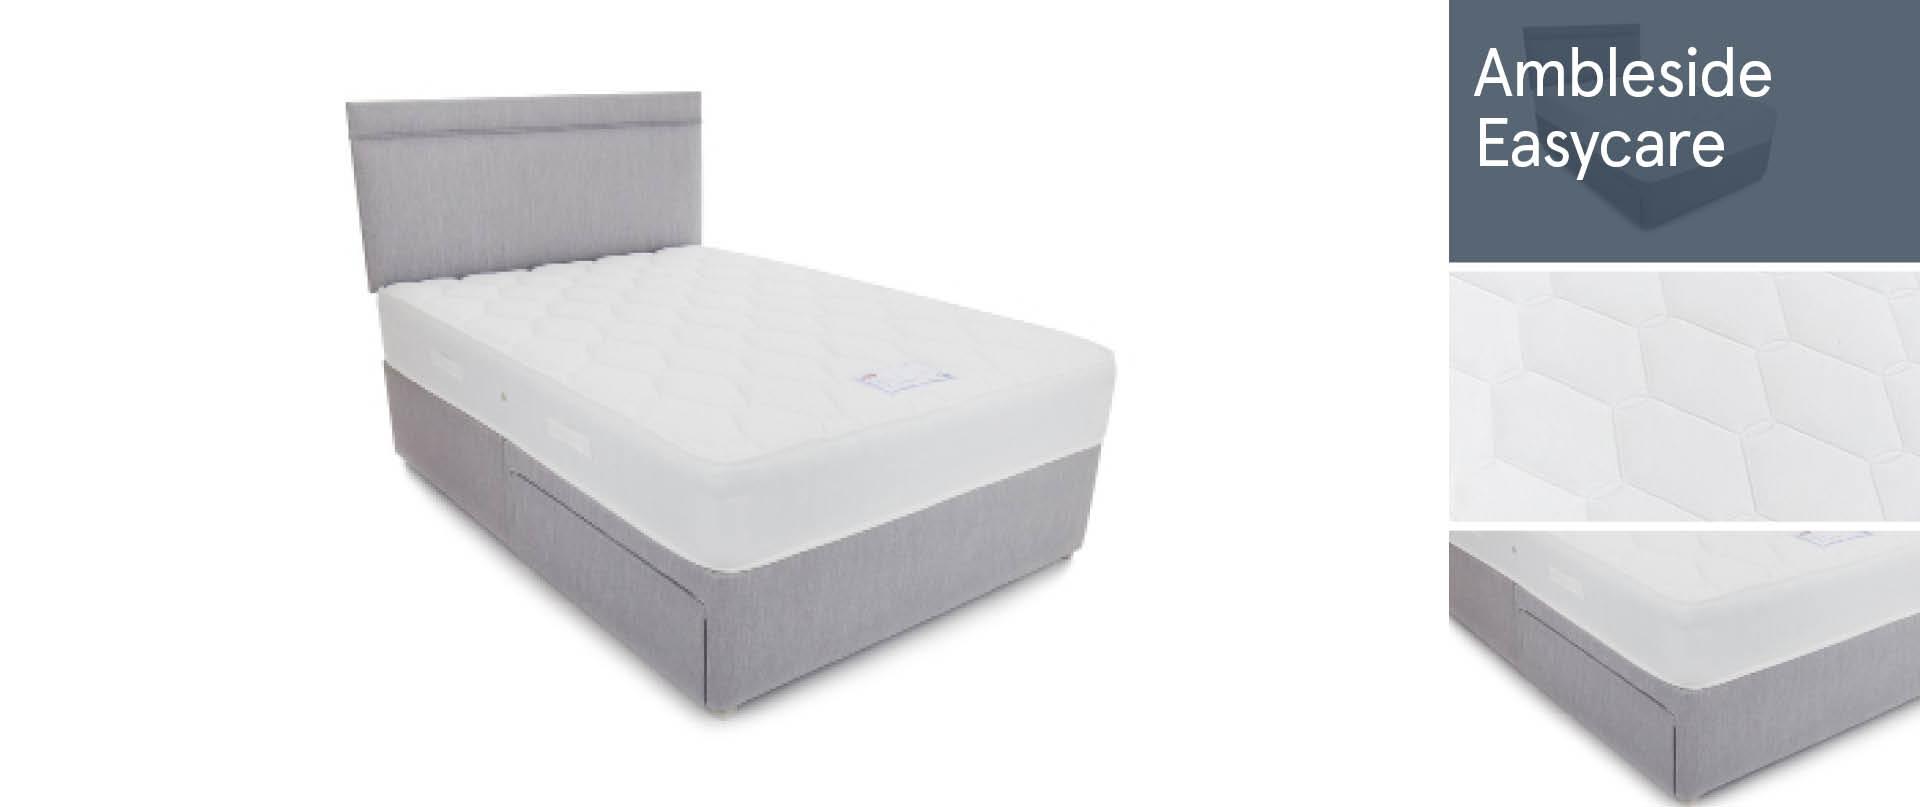 Ambleside-Easycare Divan Beds Ranges